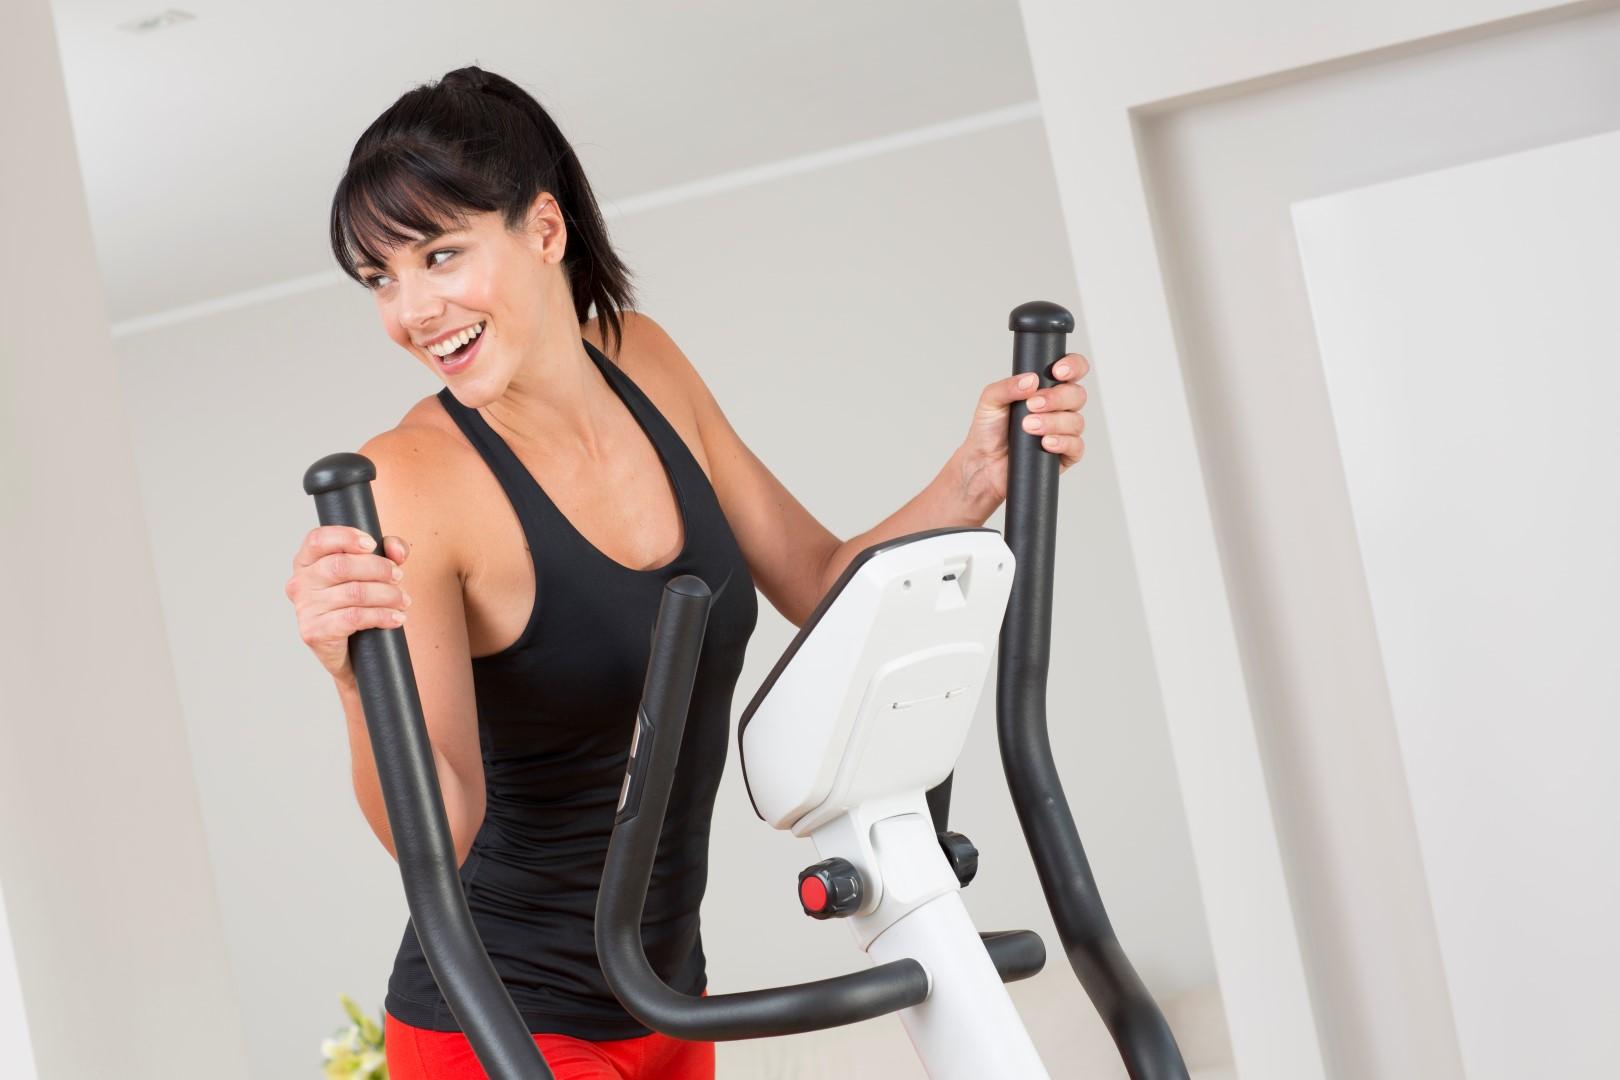 ar galima sportuoti elipsiniu treniruokliu su hipertenzija